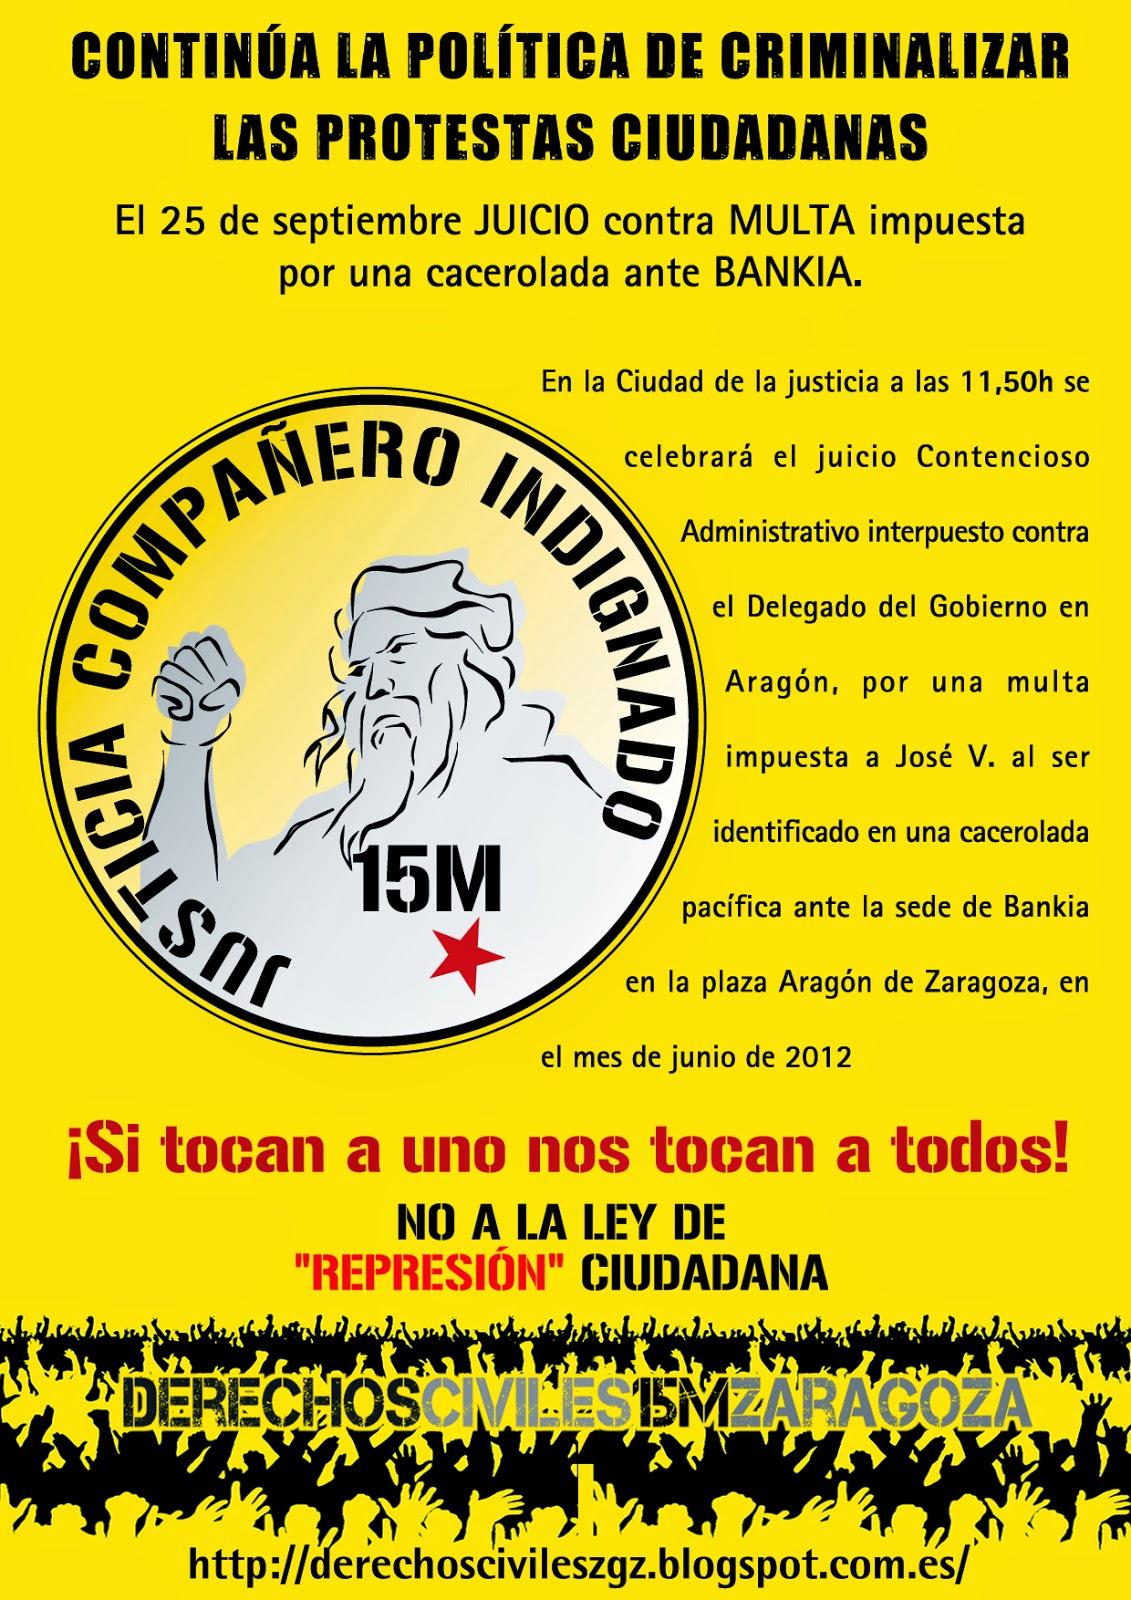 La criminalizaci n de la protesta ciudadana un caso entre for Bankia oficinas zaragoza